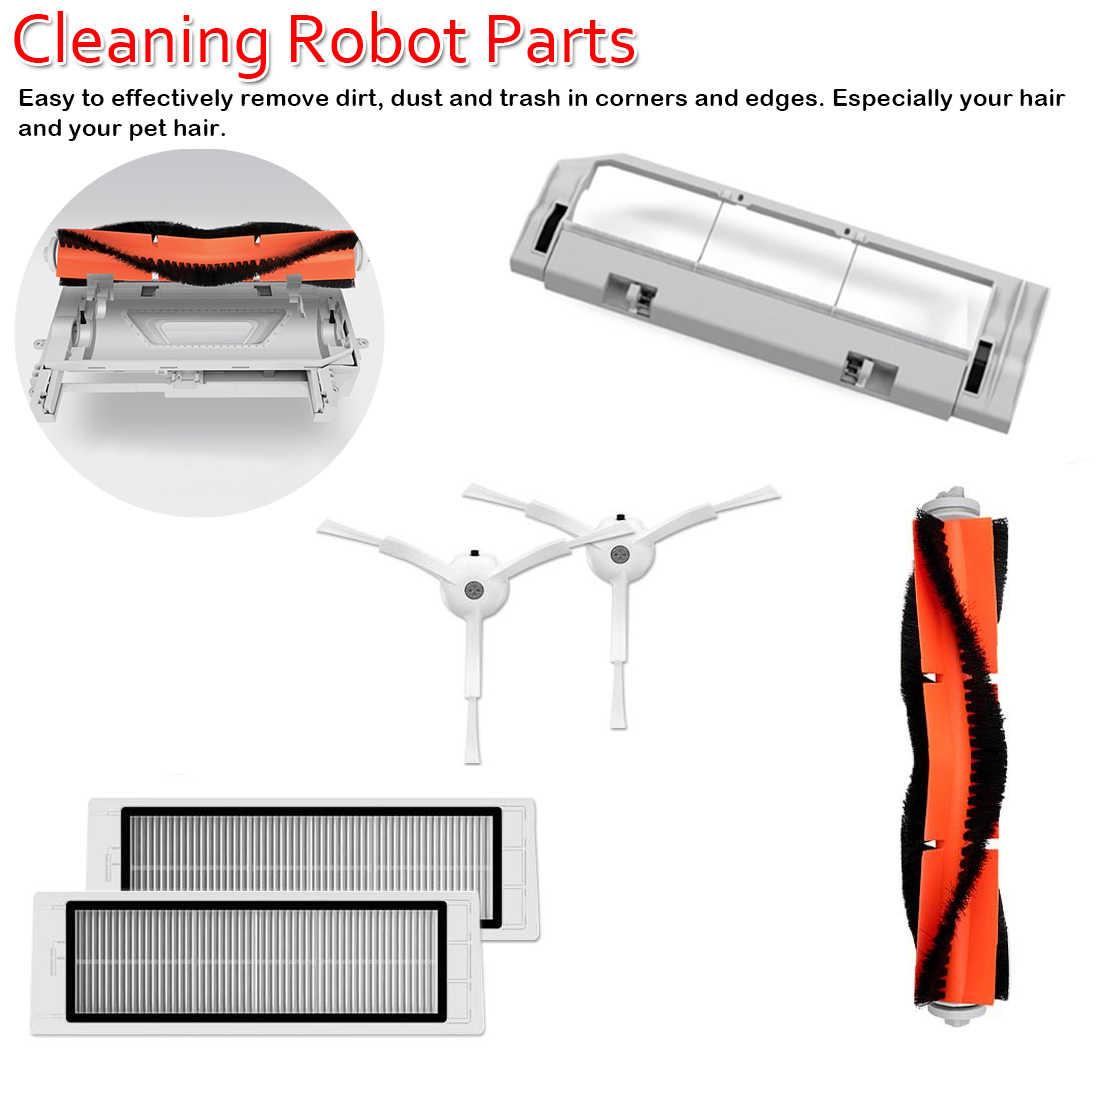 Оригинальная робот-пылесос, запасная часть, 1, 1 S, 2, roborock, S5, очиститель, наборы, упаковка, HEPA фильтр, боковая роликовая основная щетка